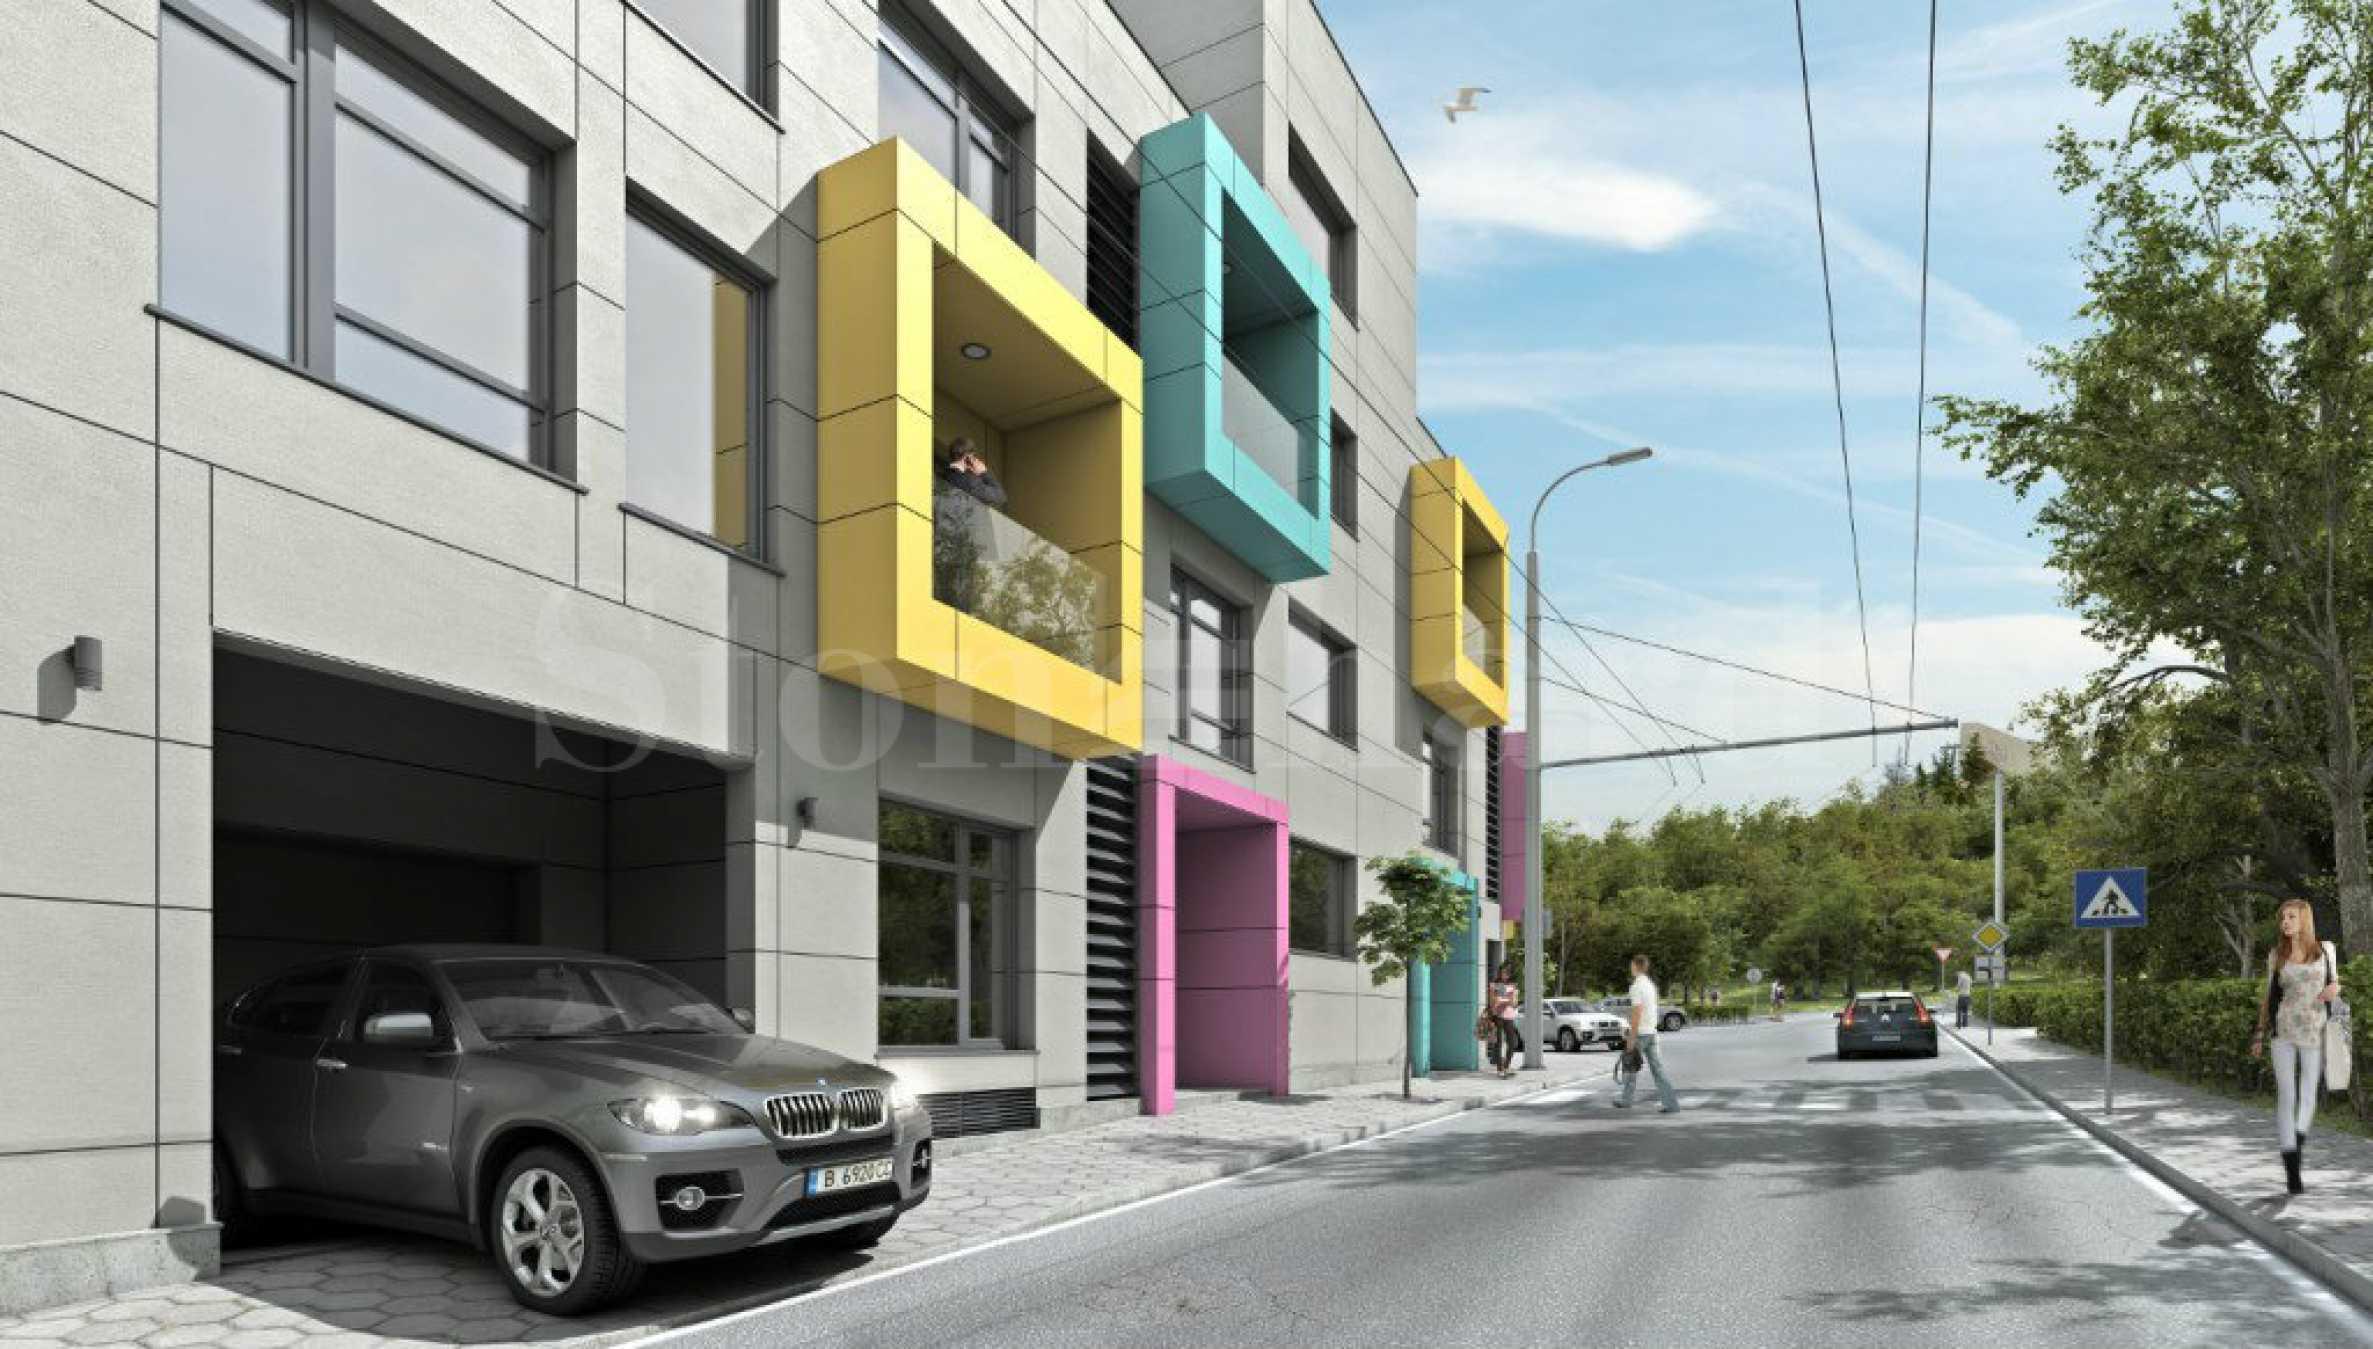 Апартаменти с морска панорама в новостроящ се комплекс в кв. Бриз1 - Stonehard